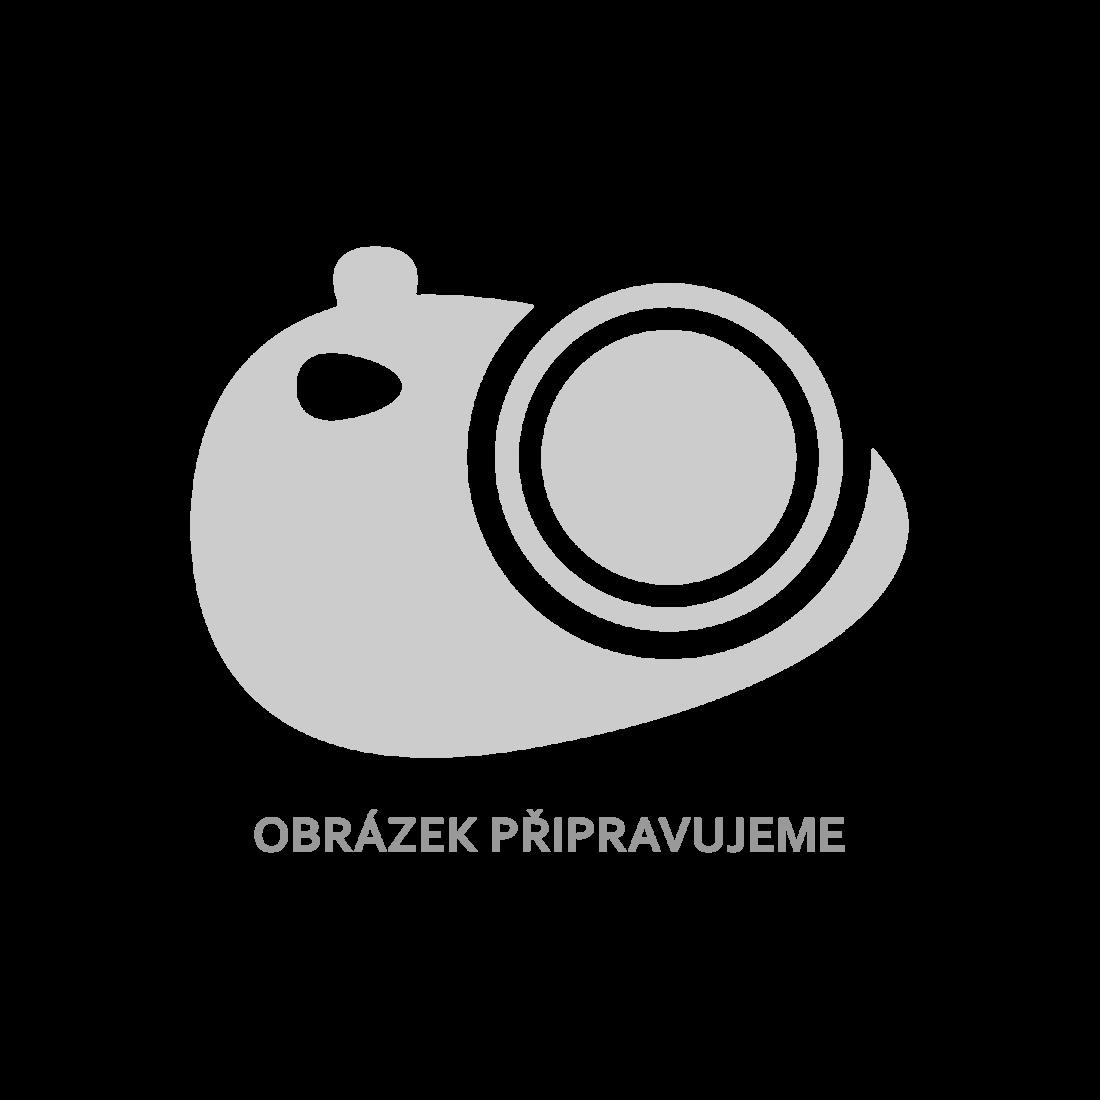 Černá skládací pěnová matrace trojdílná 190 x 70 x 9 cm